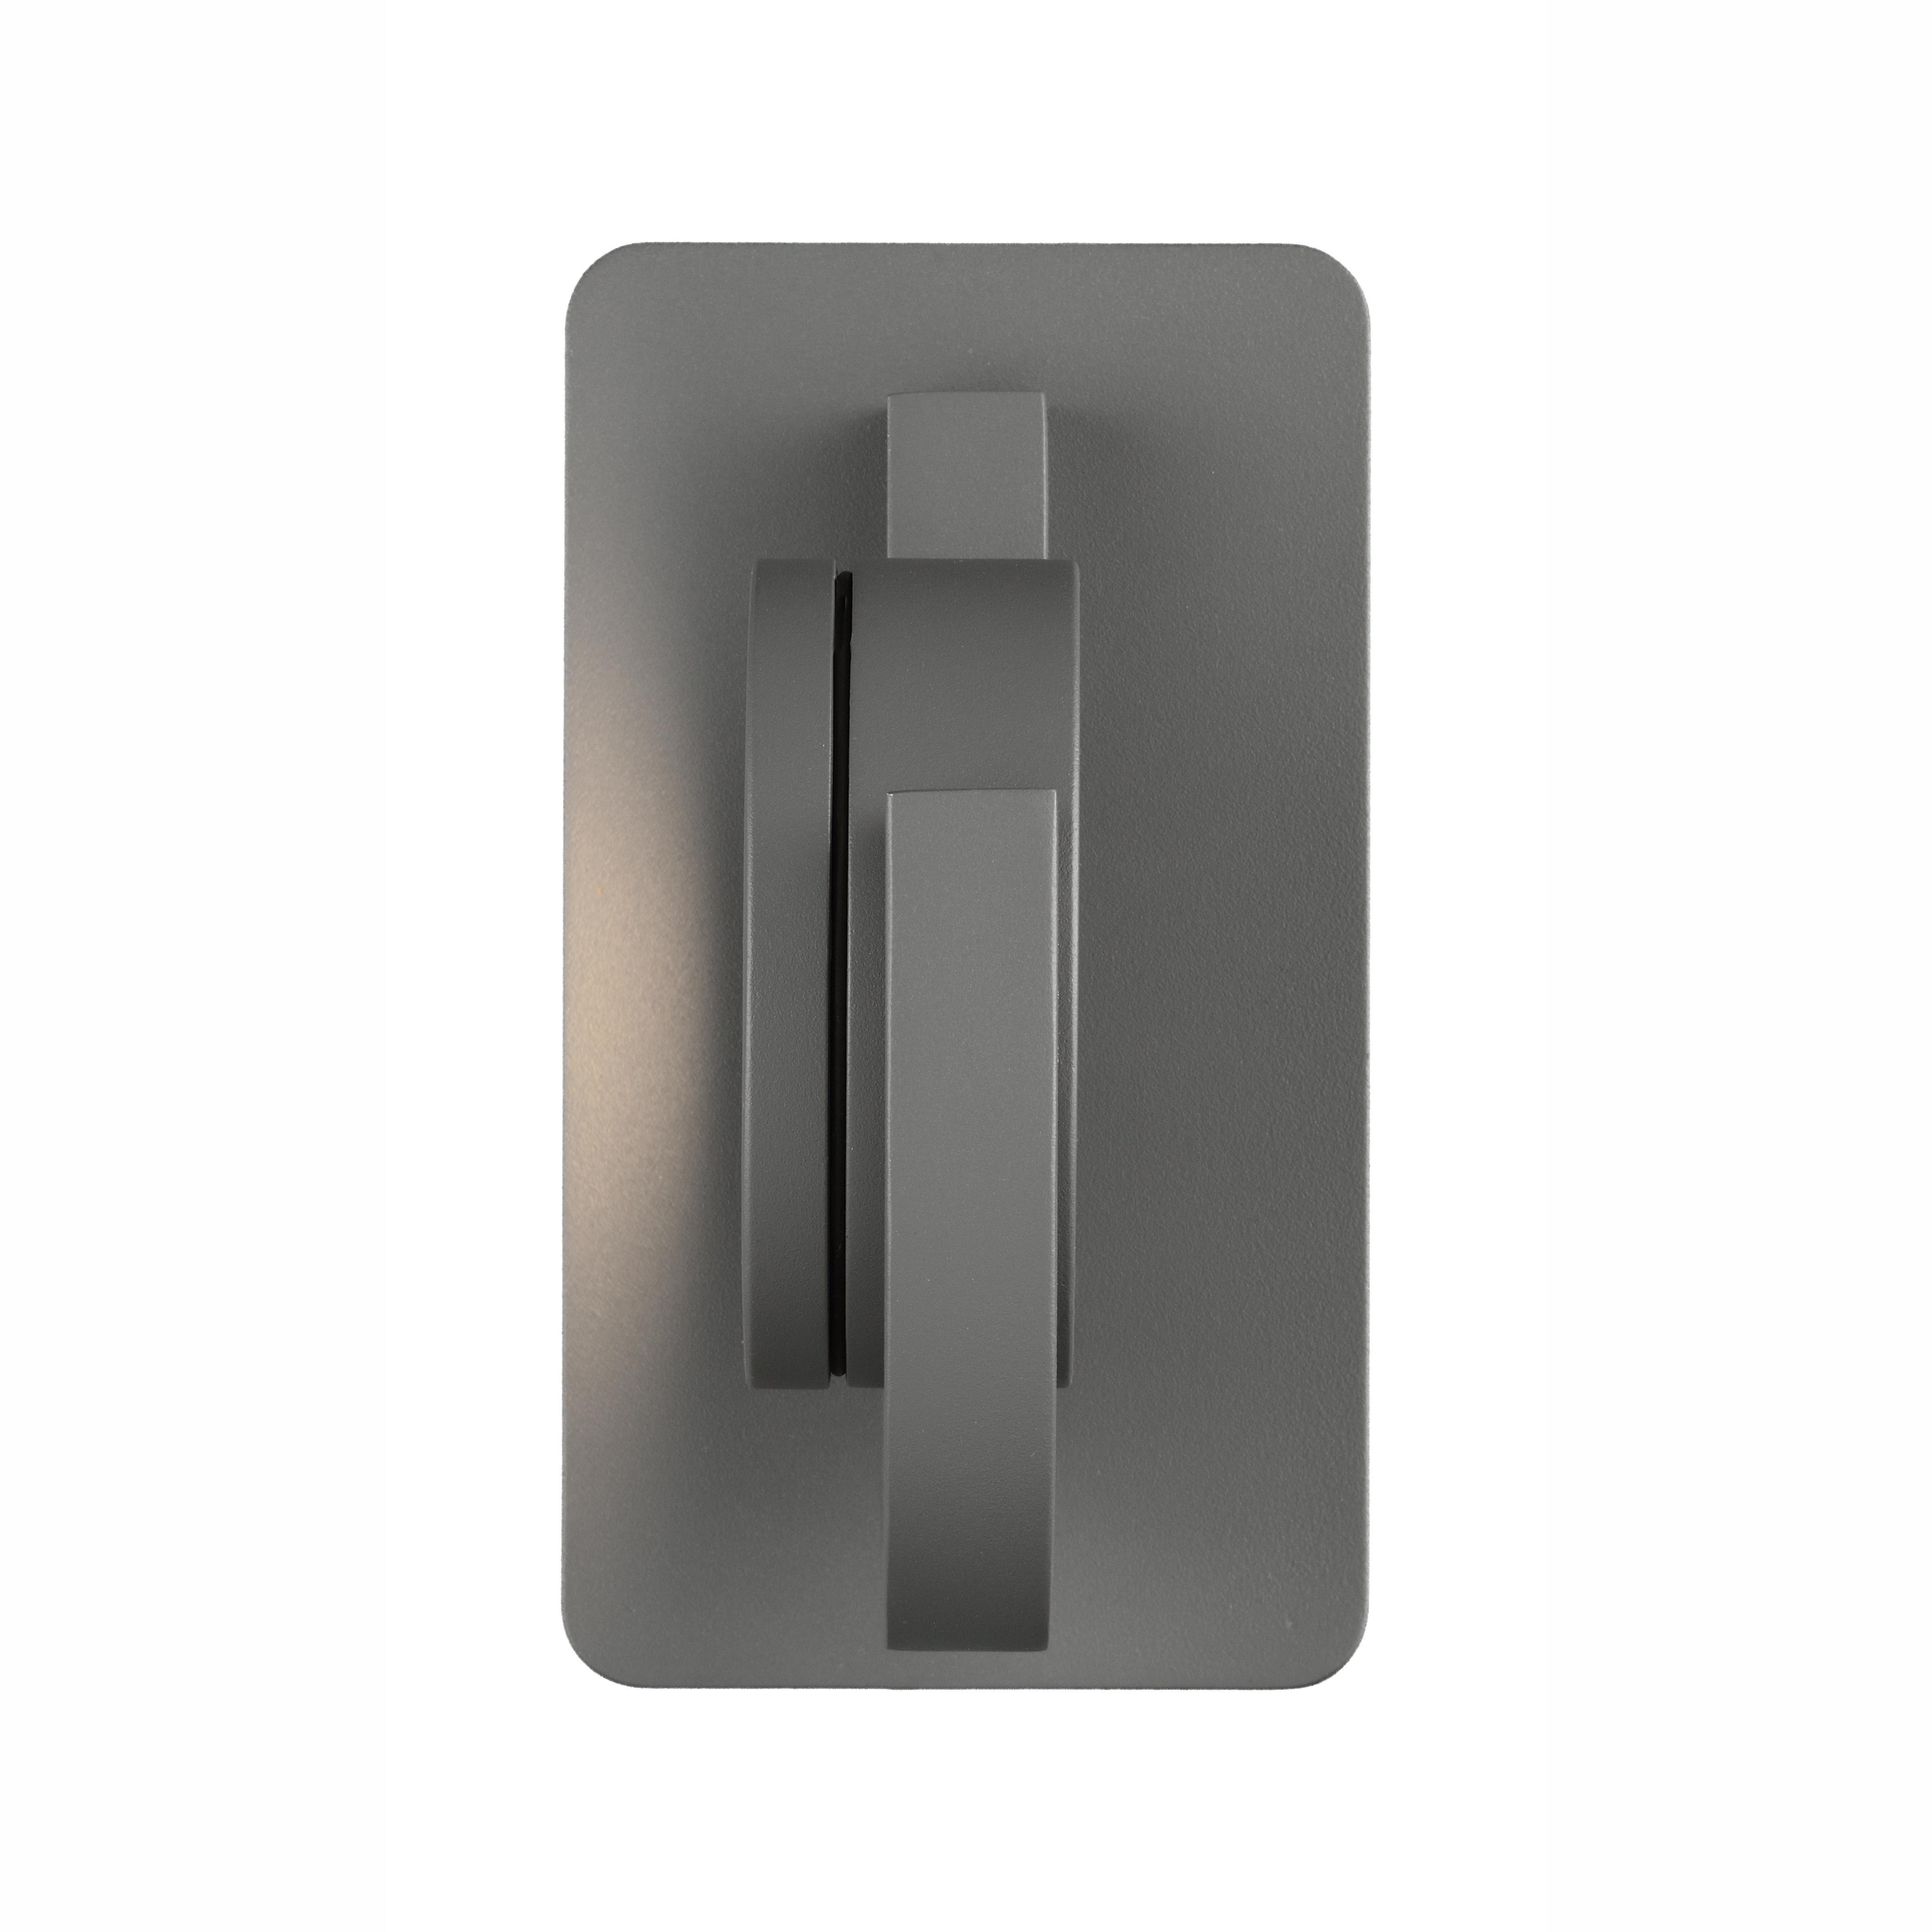 Настенный светильник с регулировкой направления света Mantra Iguazu 6558, IP54, серый, металл, стекло - фото 3